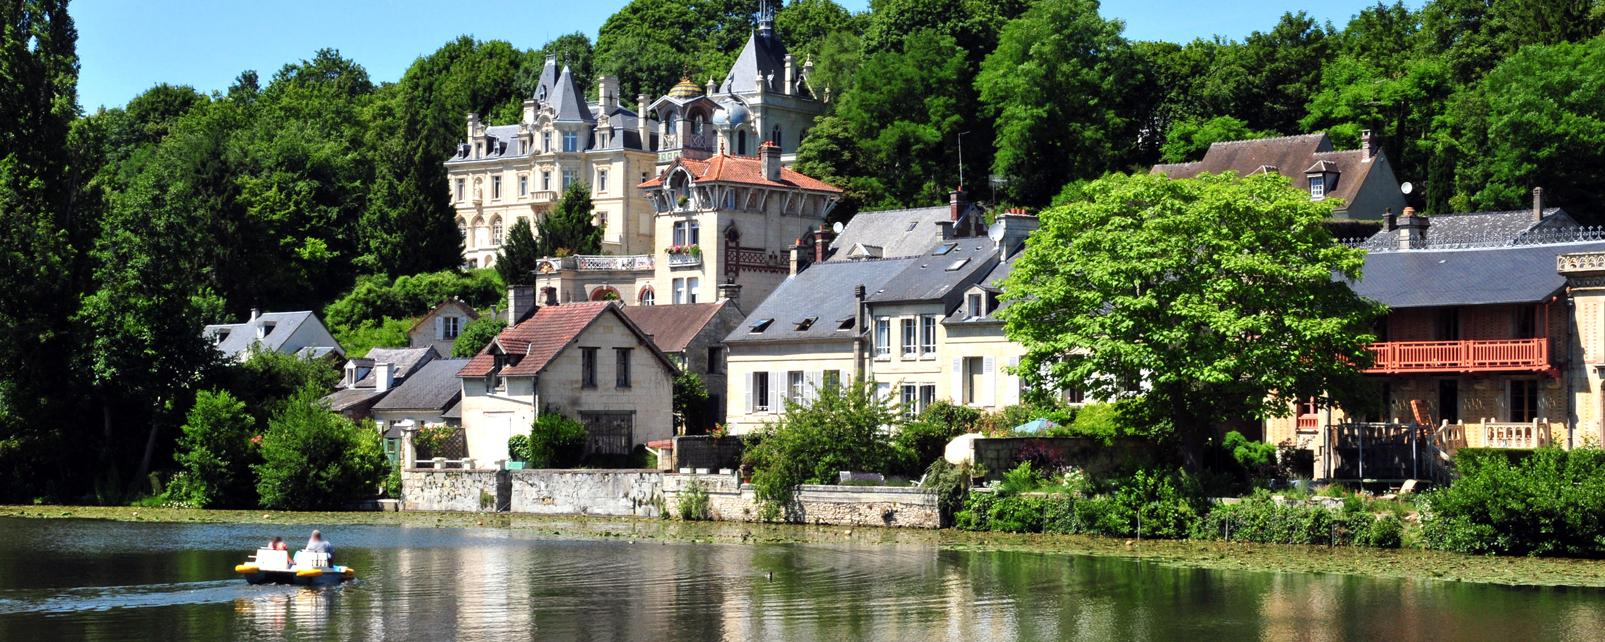 Que Faire Picardie Meilleures Attractions Touristiques